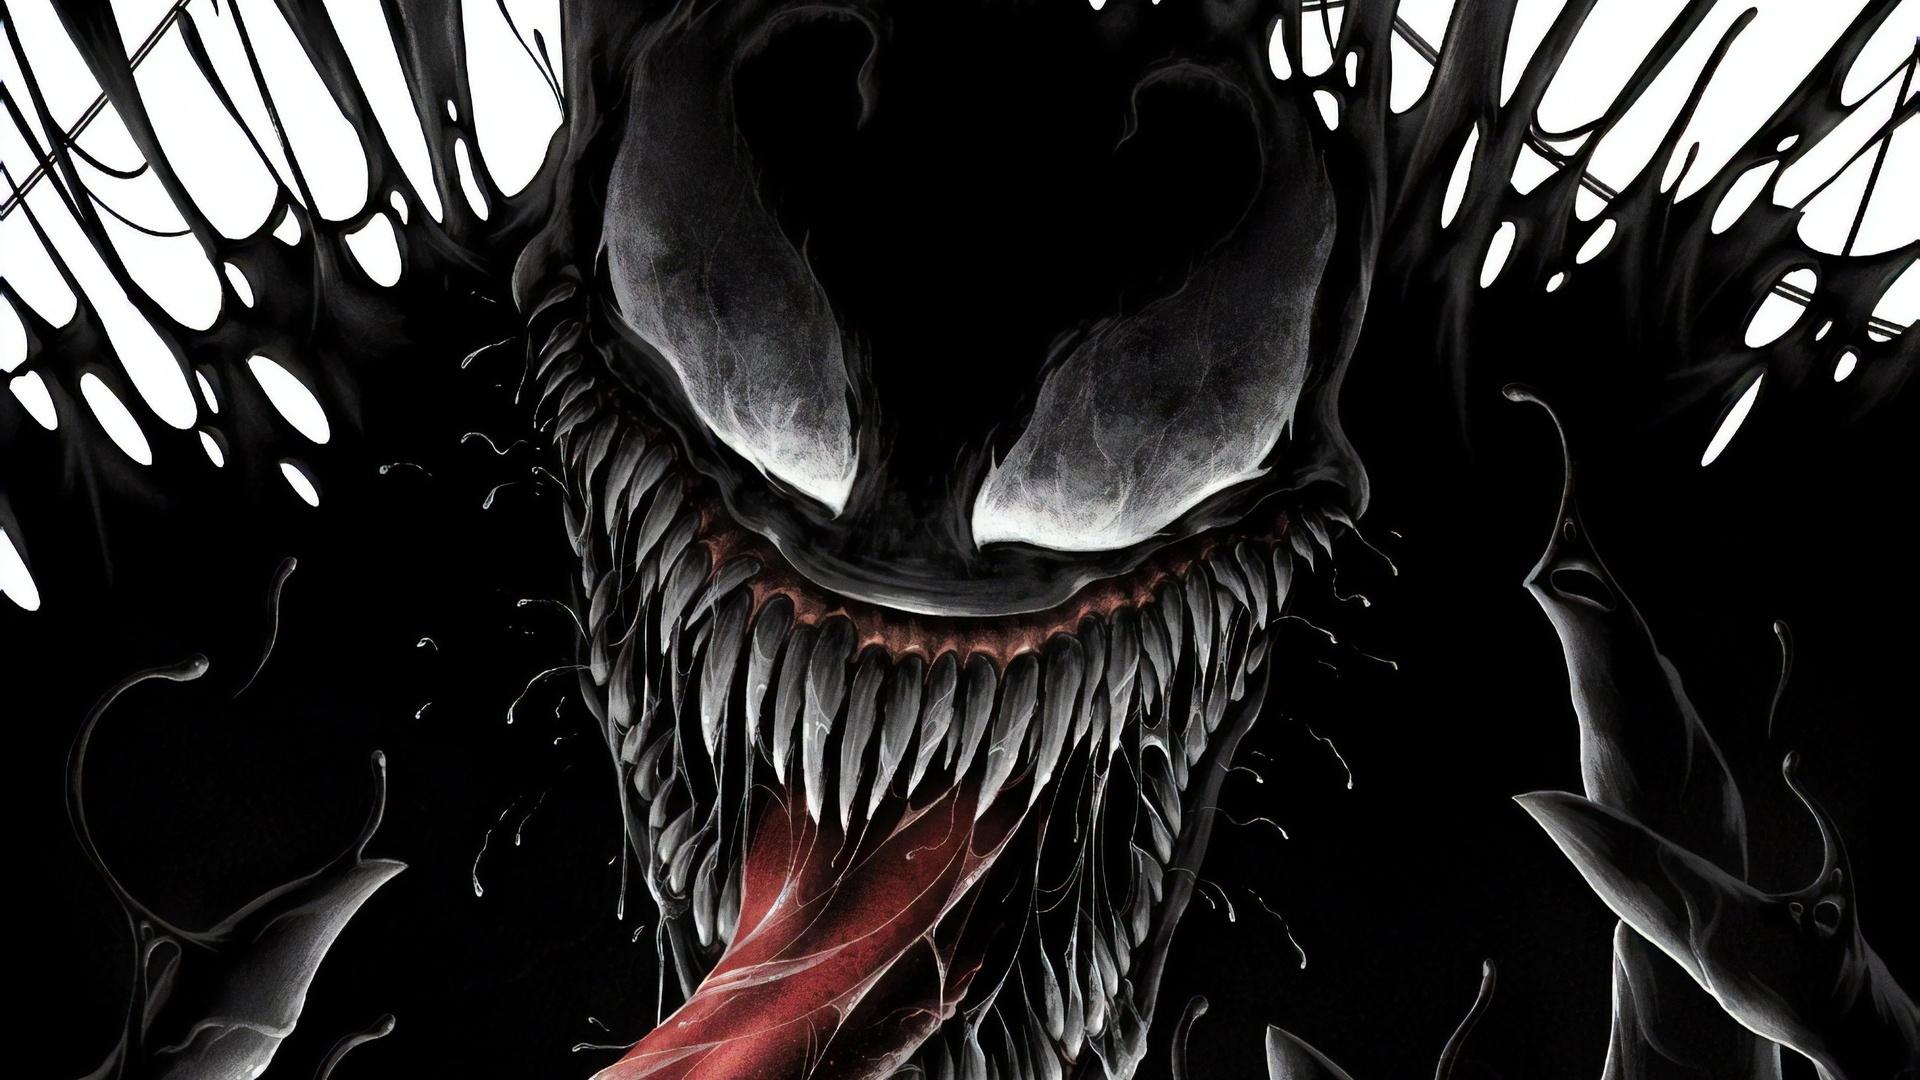 Venom free picture